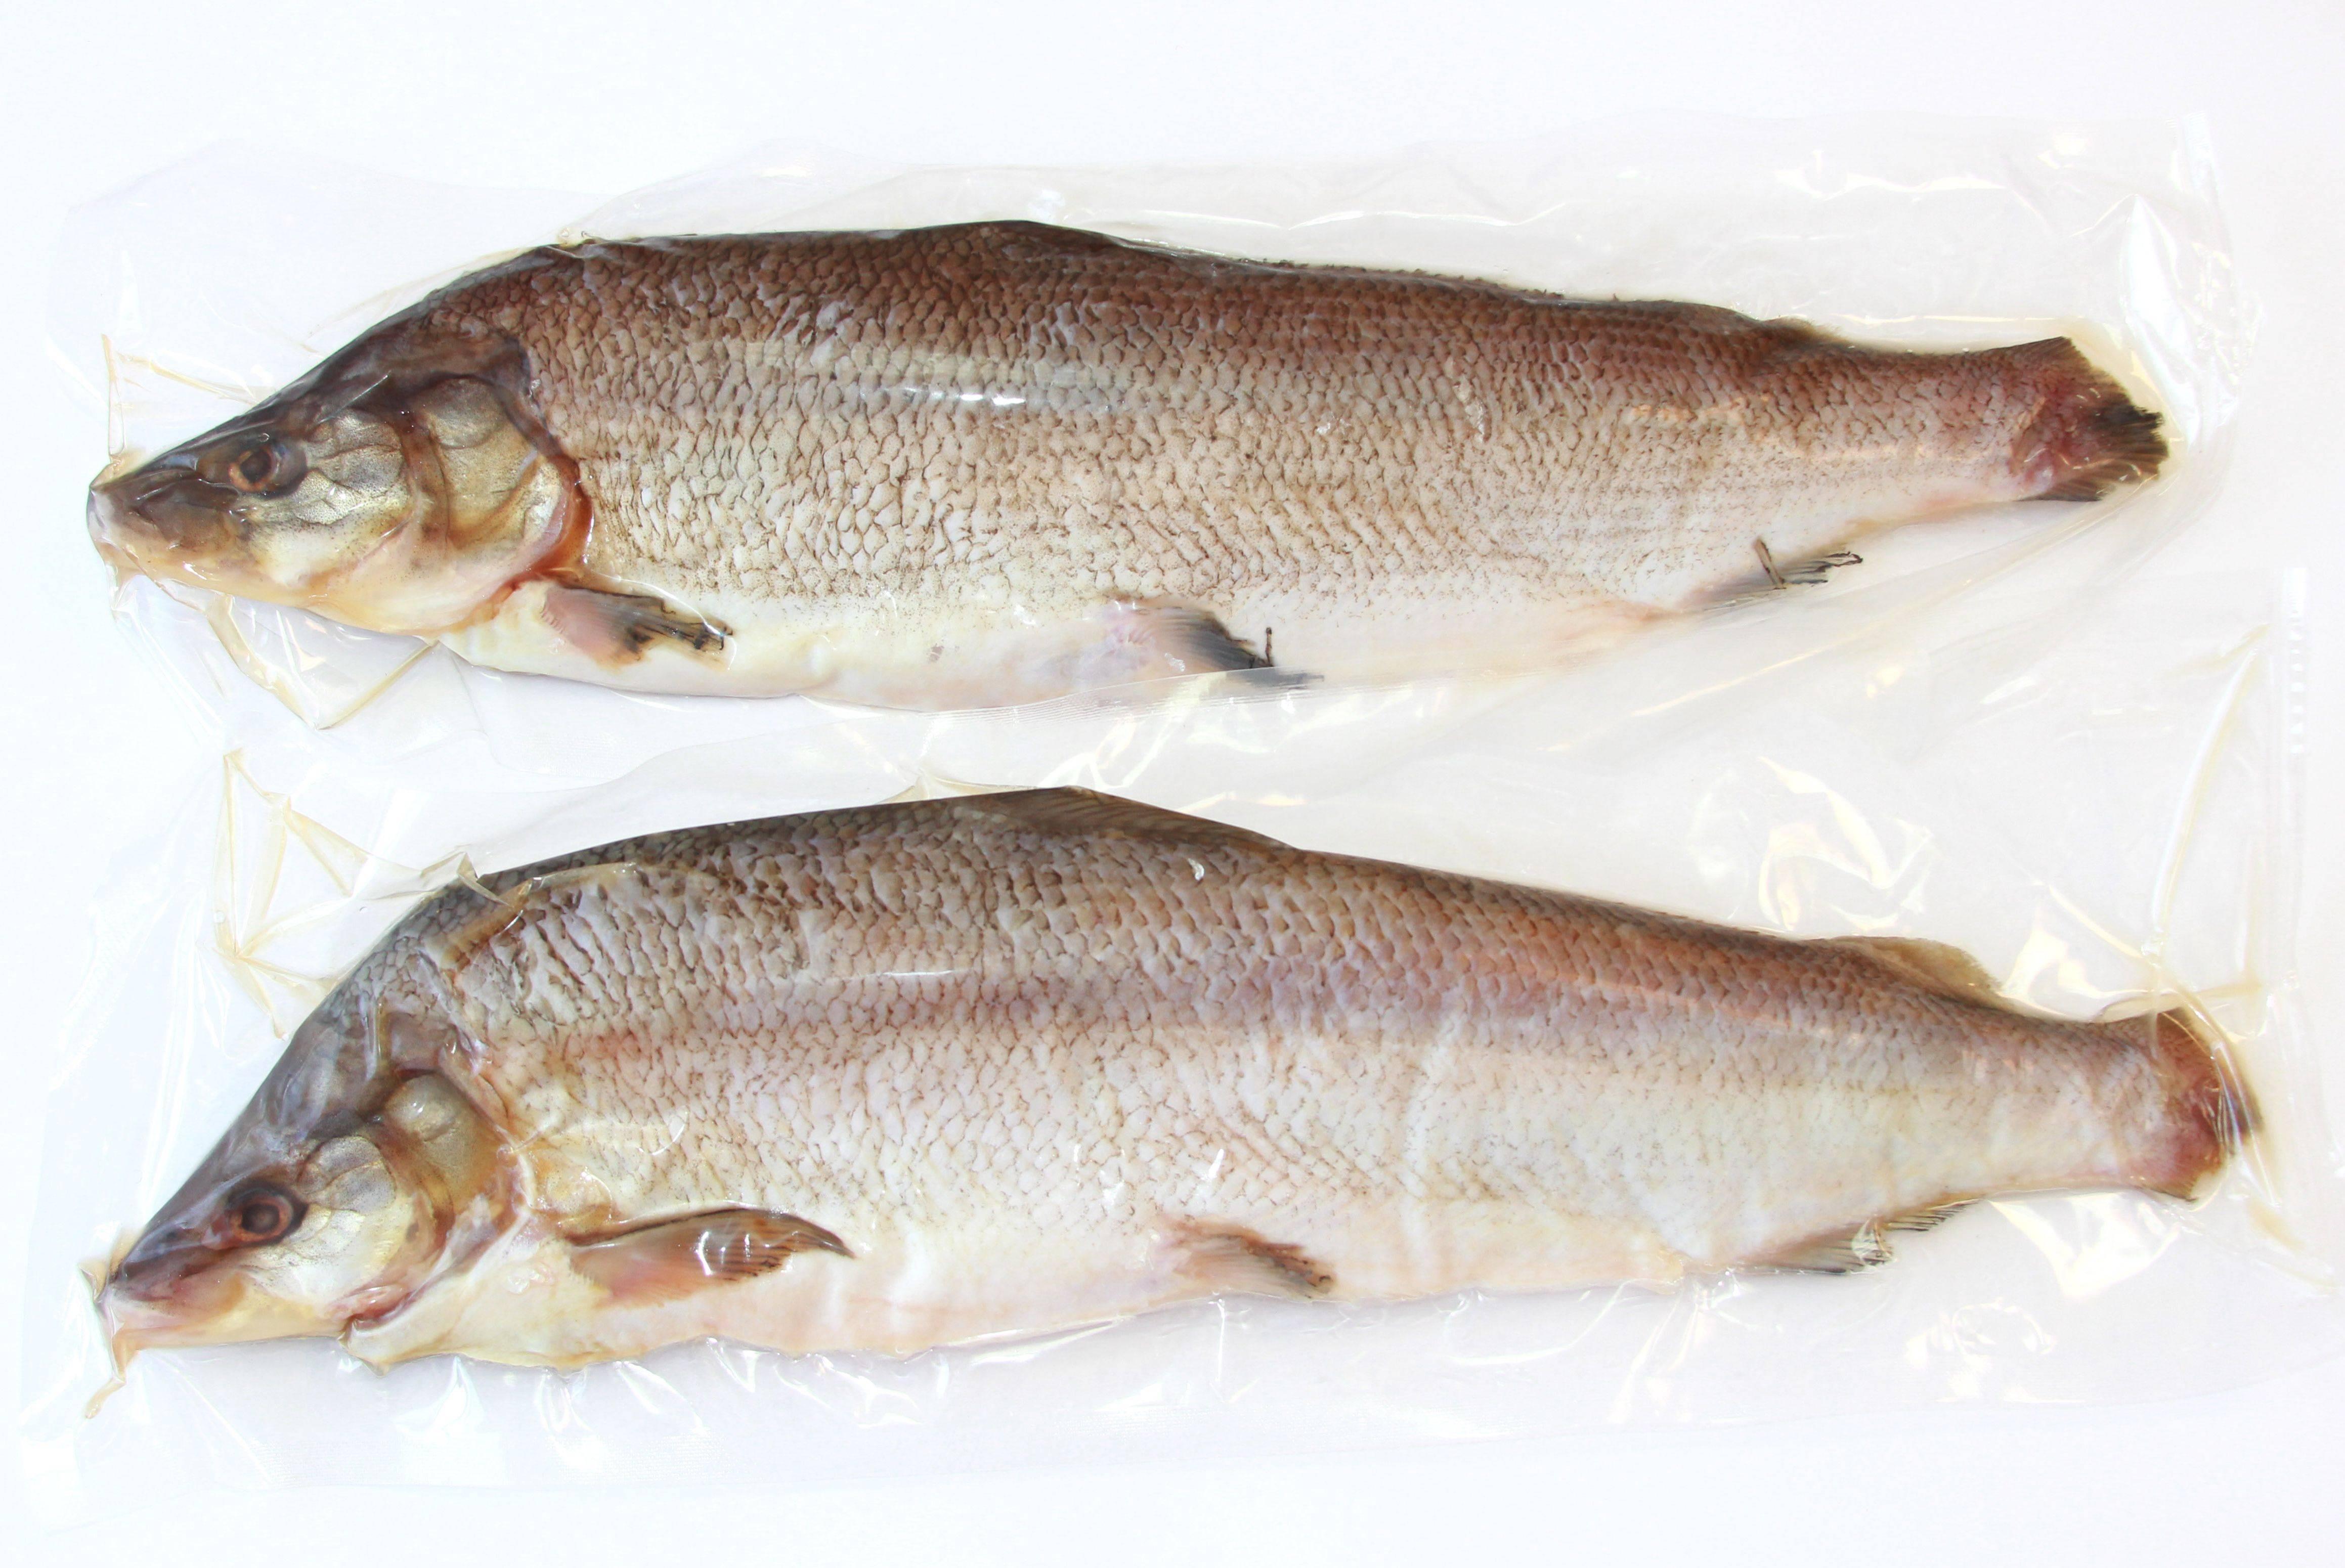 Нельма, или белорыбица (лат. stenodus leucichthys nelma) – рыба из рода сиговых, семейства лососевых » конкретно.ru - новостной портал.